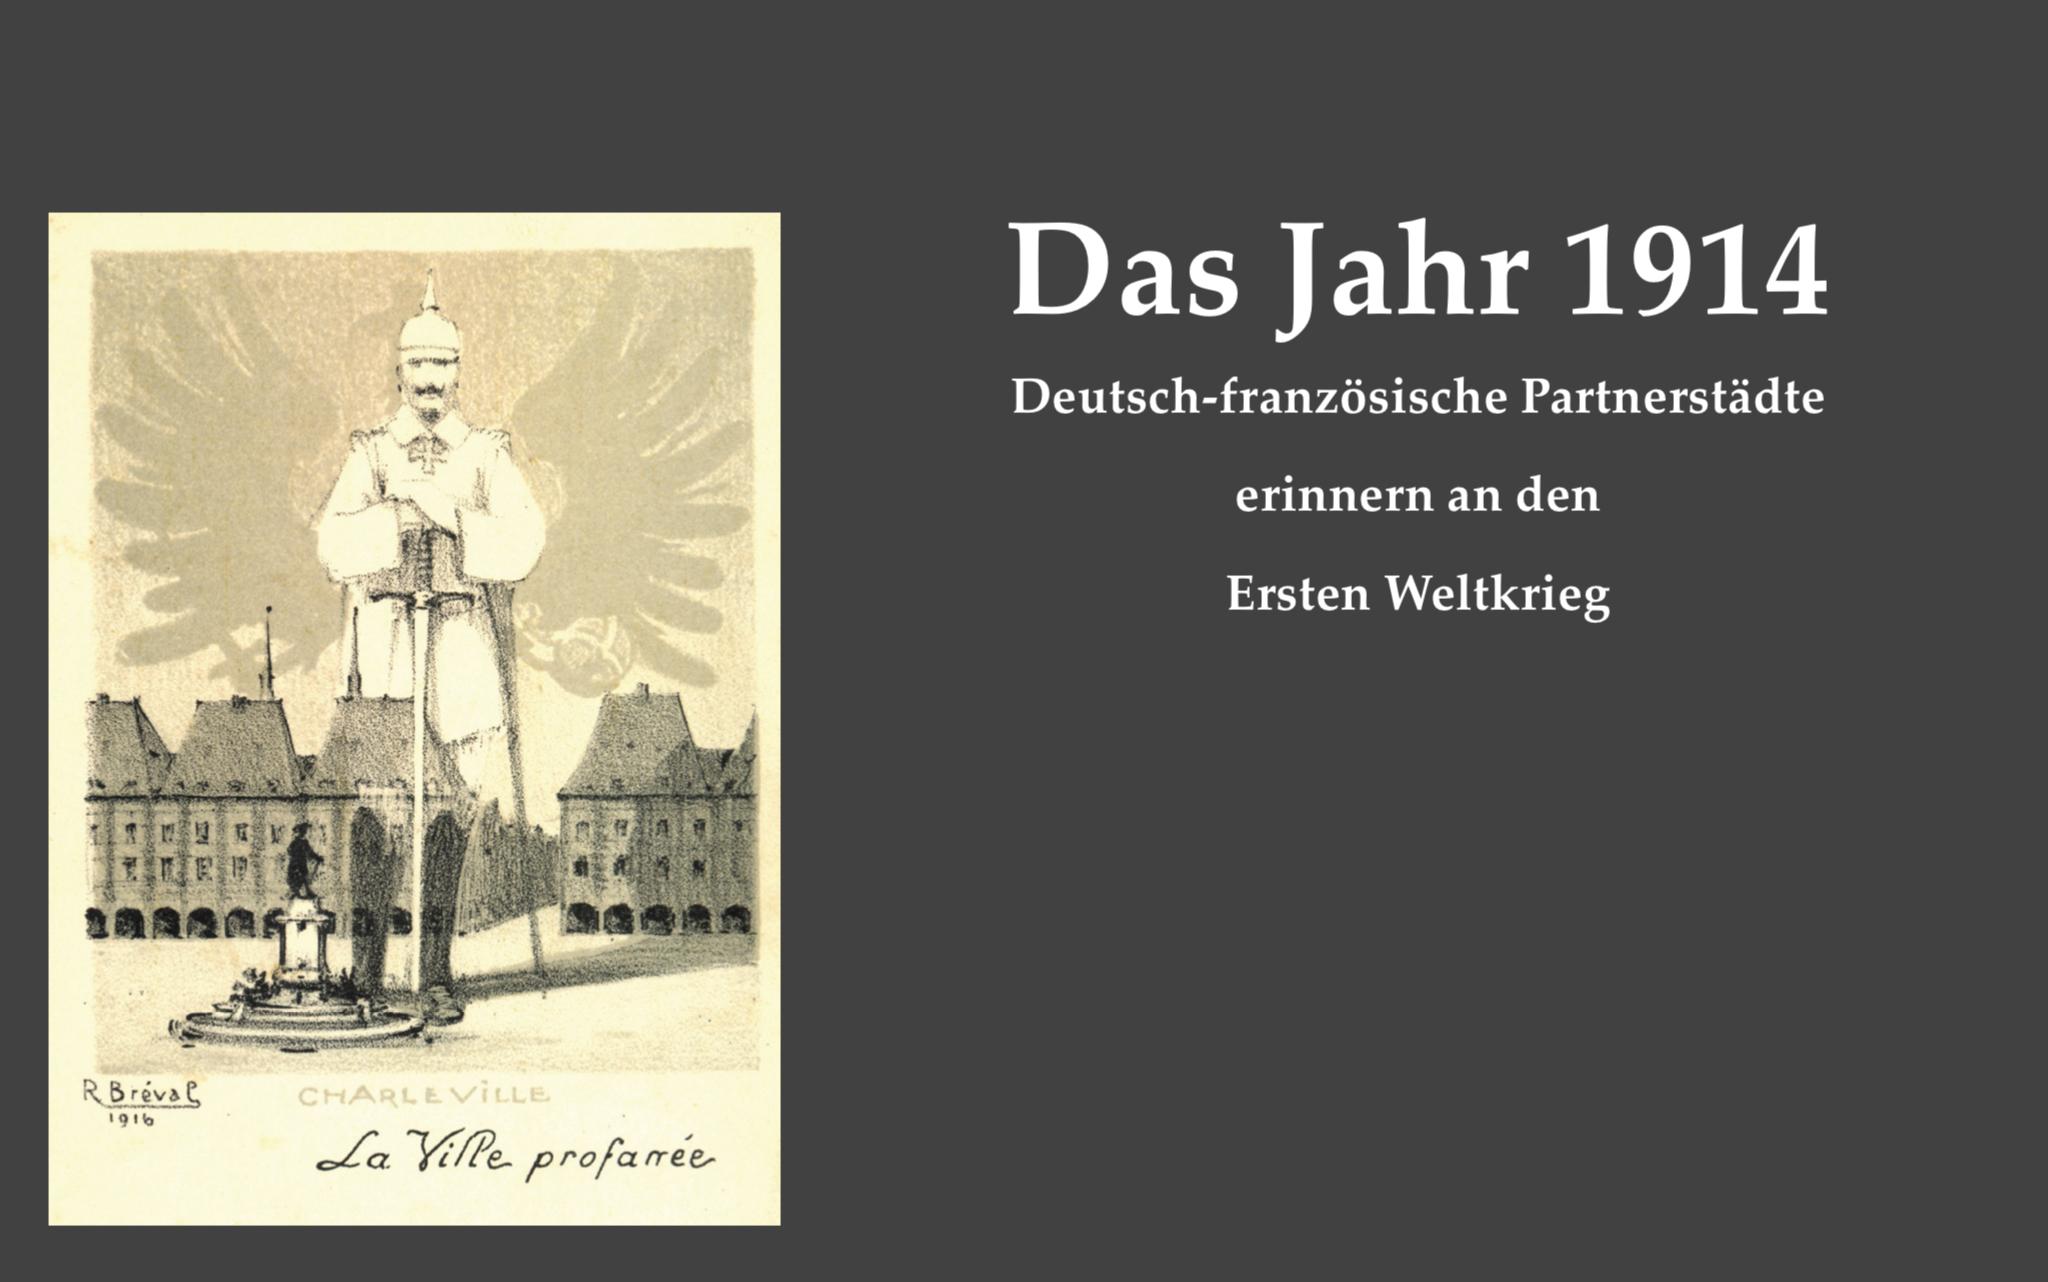 Das Jahr 1914 — Deutsch-französische Partnerstädte erinnern an den Ersten Weltkrieg